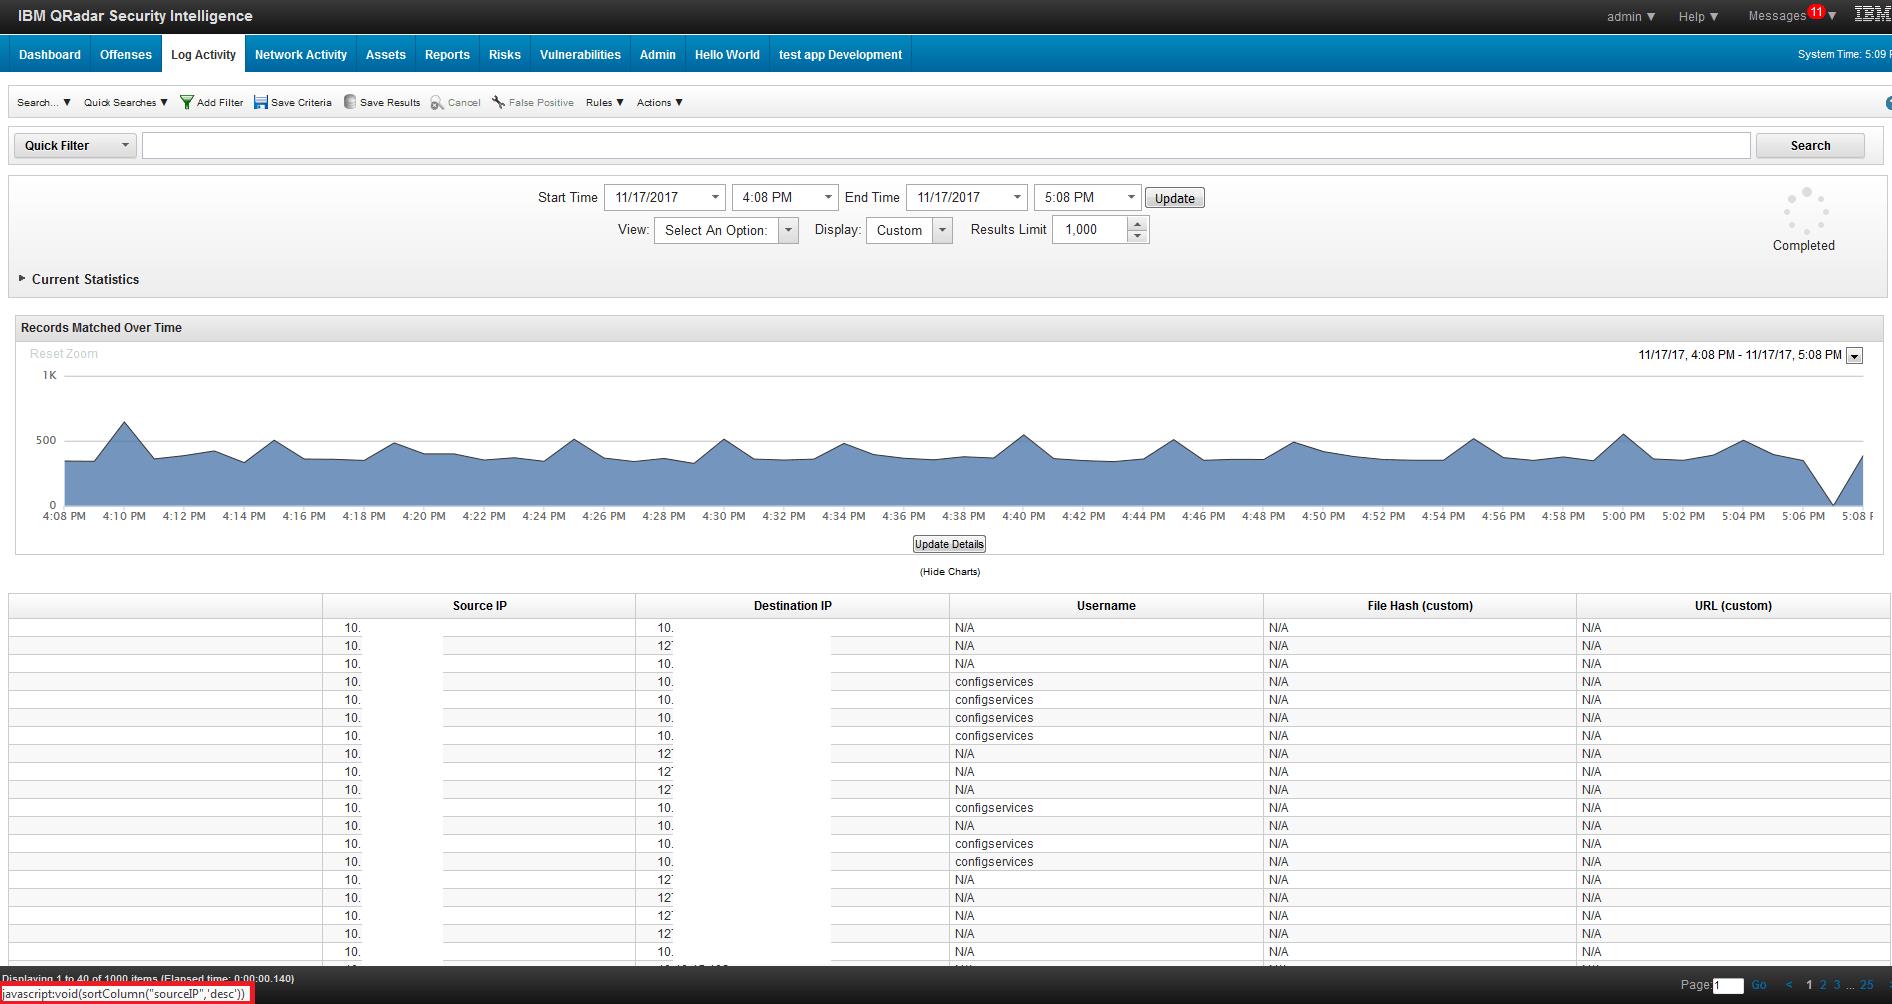 Integrating QRadar with VirusTotal - SOC Prime